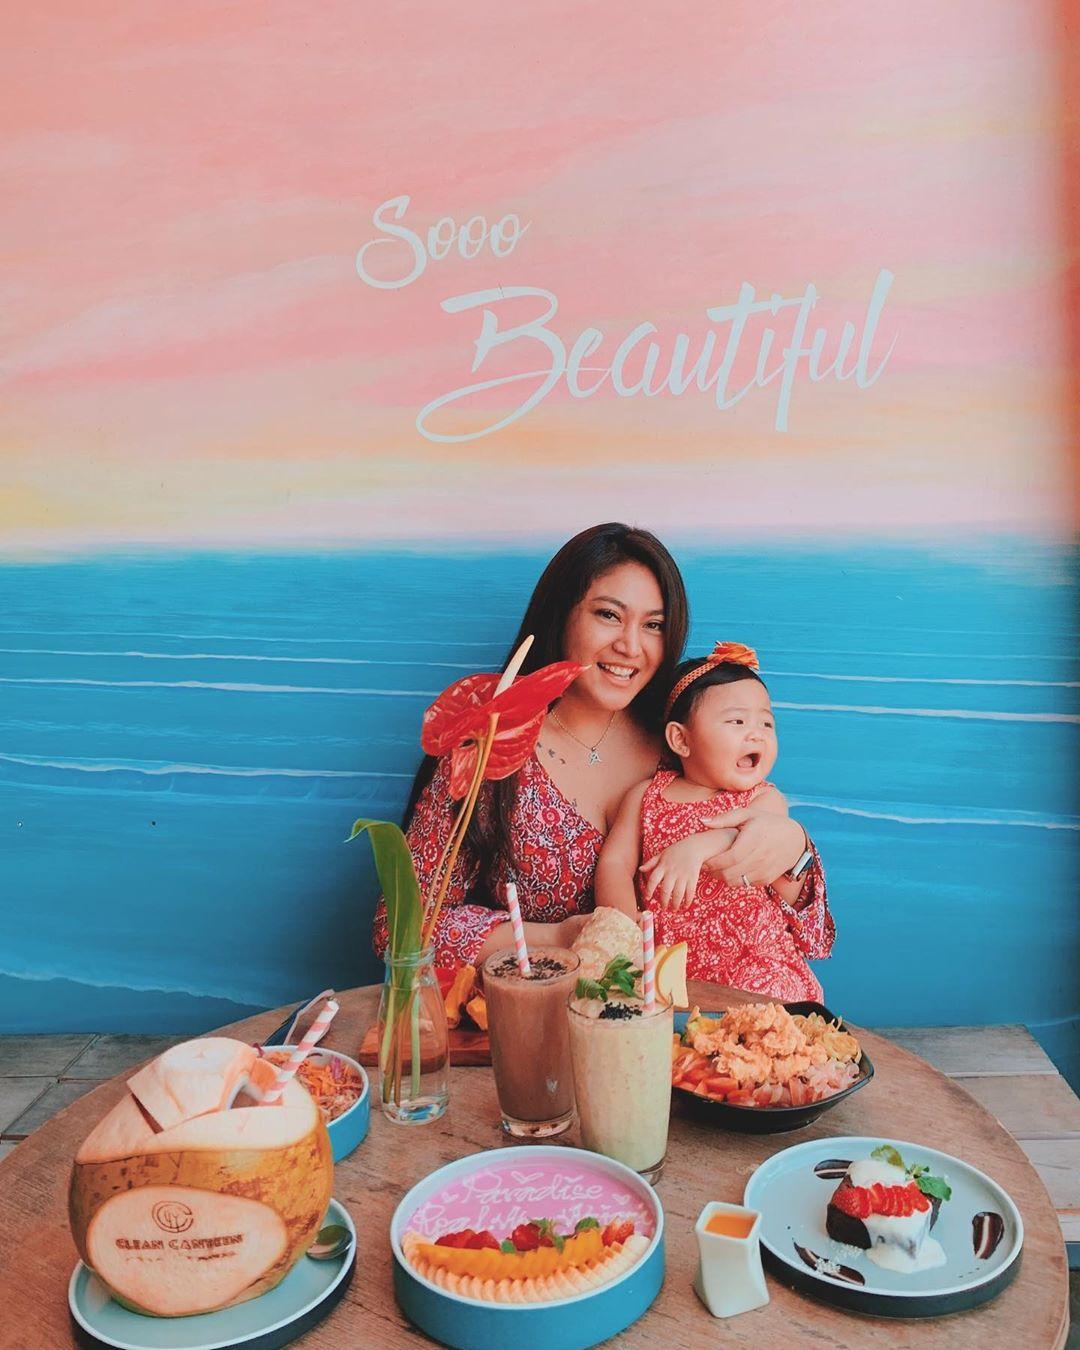 7 Potret Cantik Ayu Anjani, Mantan Pemeran Lasmini Bersama Keluarga Kecilnya